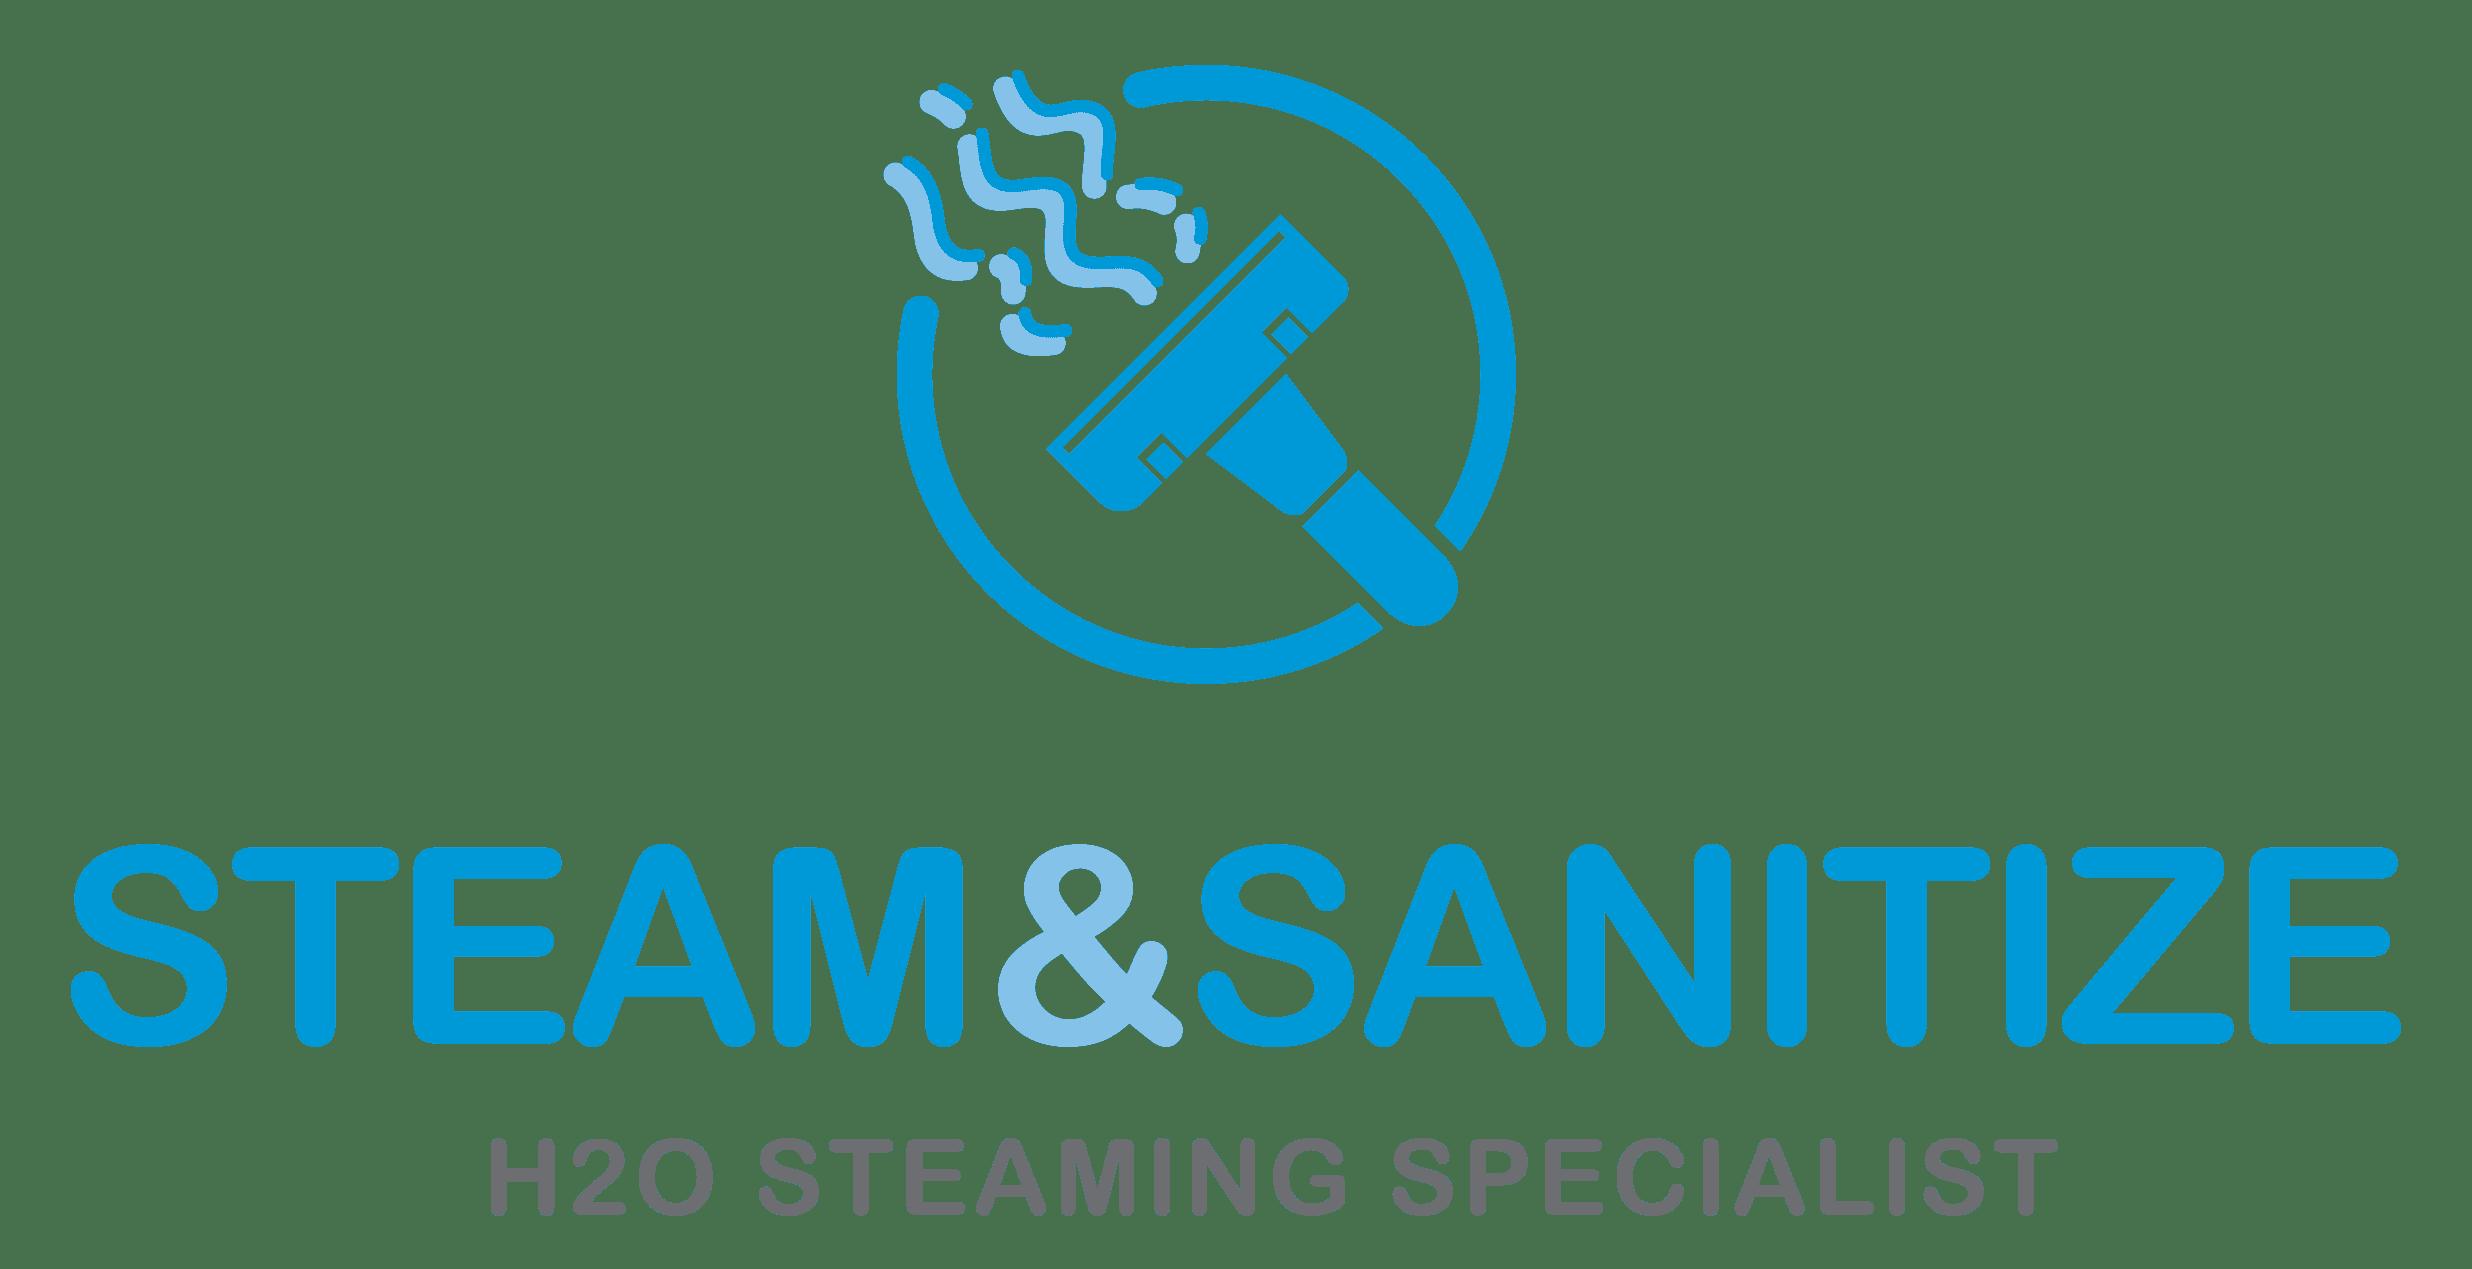 Steam & Sanitize